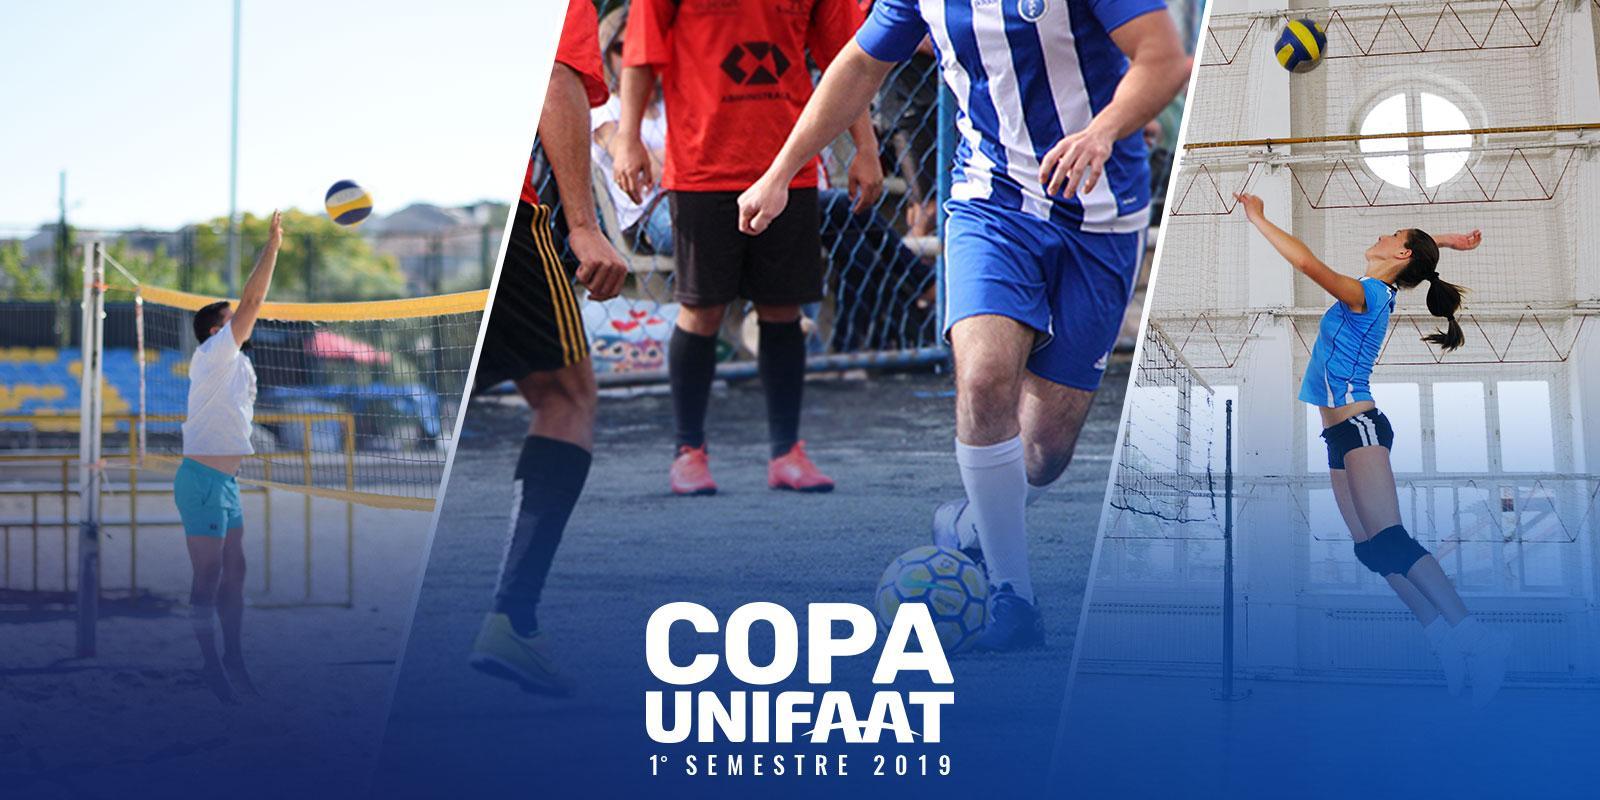 Copa UNIFAAT 2019 está com inscrições abertas para novas modalidades esportivas